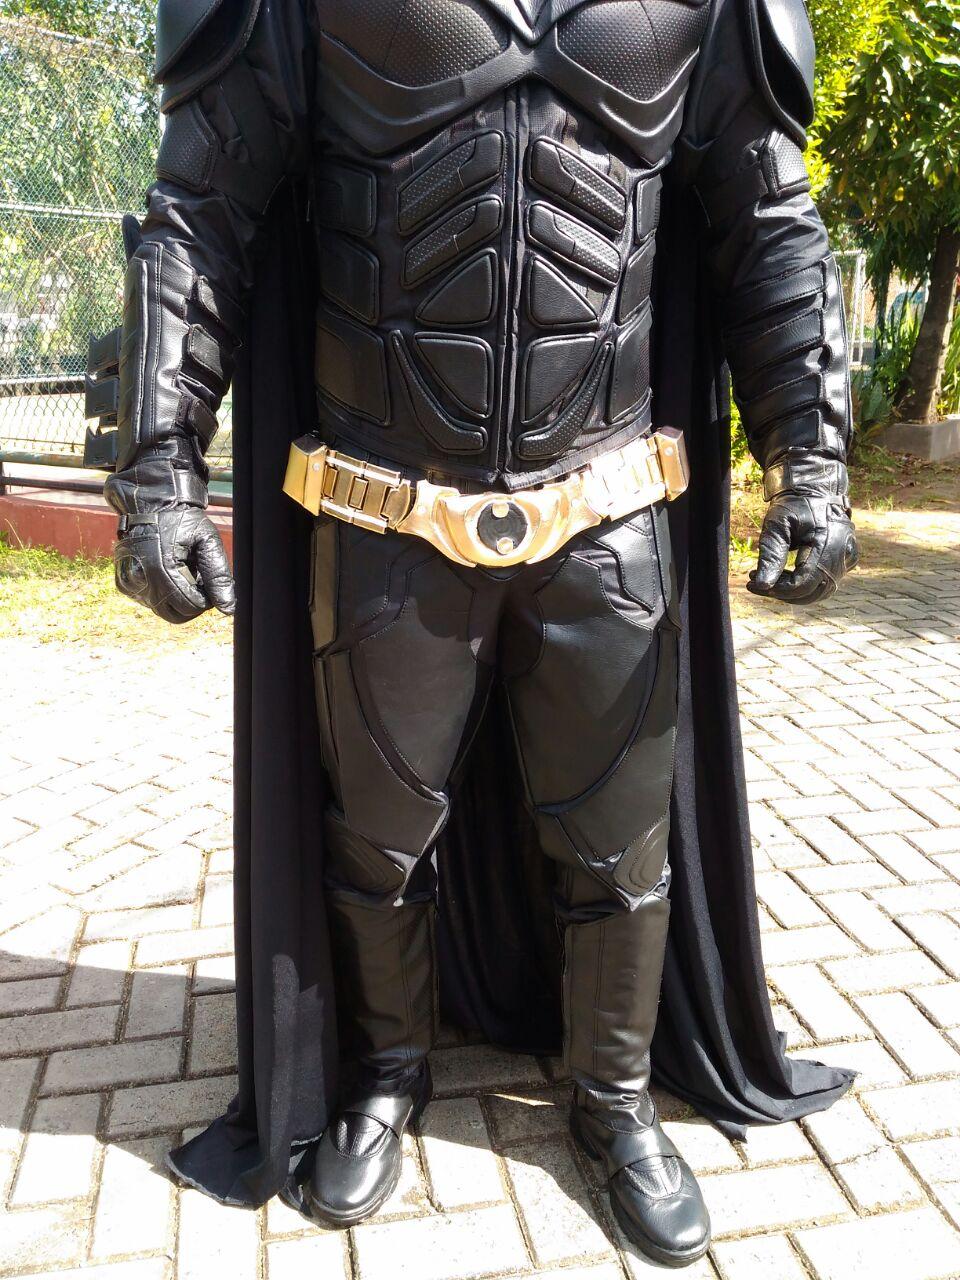 Sewa Kostum Batman The Dark Knight di toko Adhie Rental daerah Jakarta Selatan, DKI Jakarta - Sewa menyewa jadi lebih mudah di Spotsewa